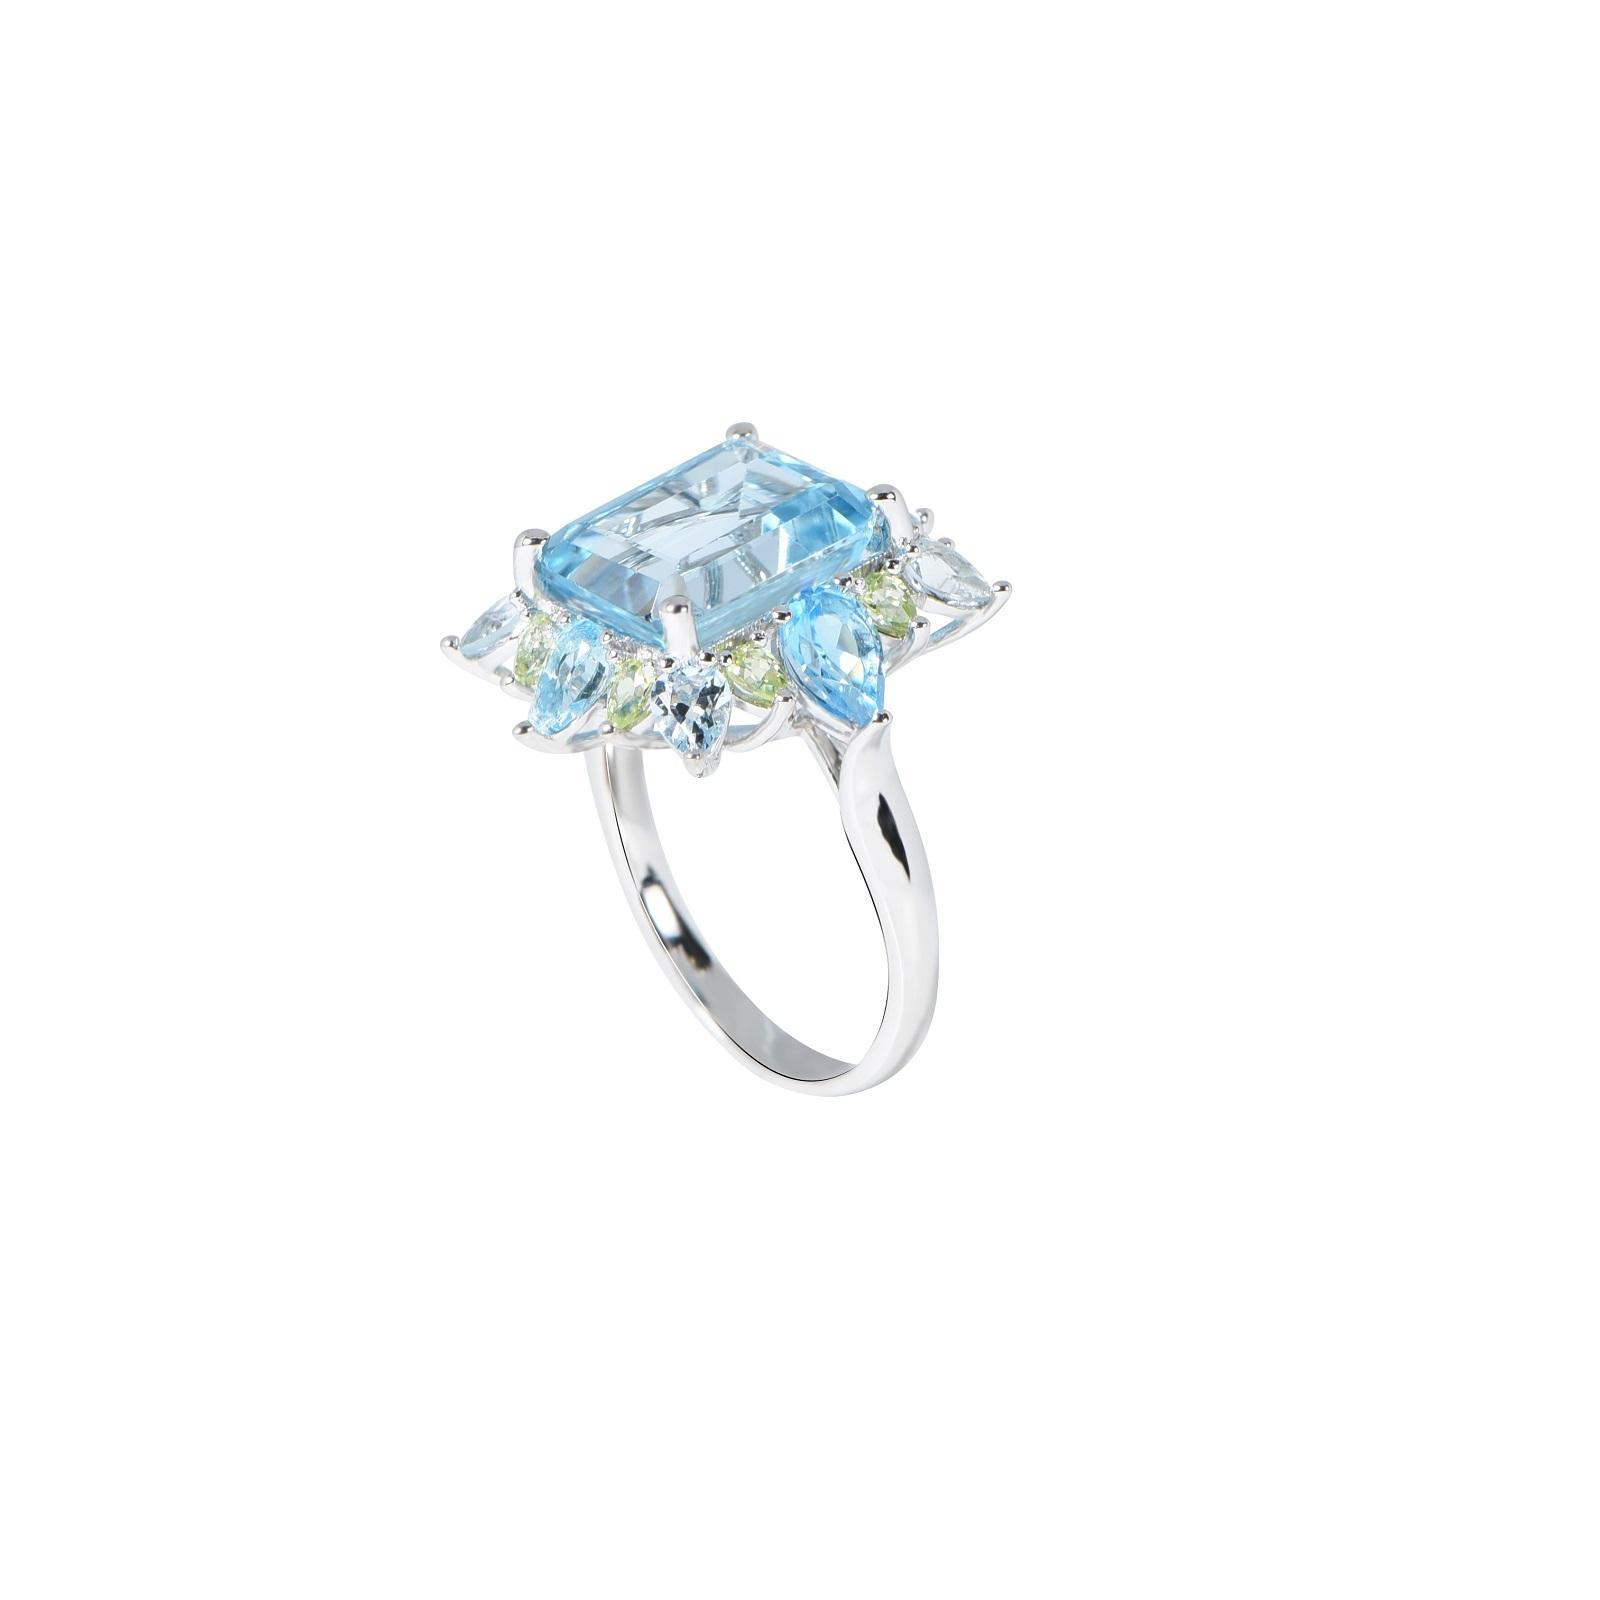 Nhẫn đá Aquamarine QR0173.C104